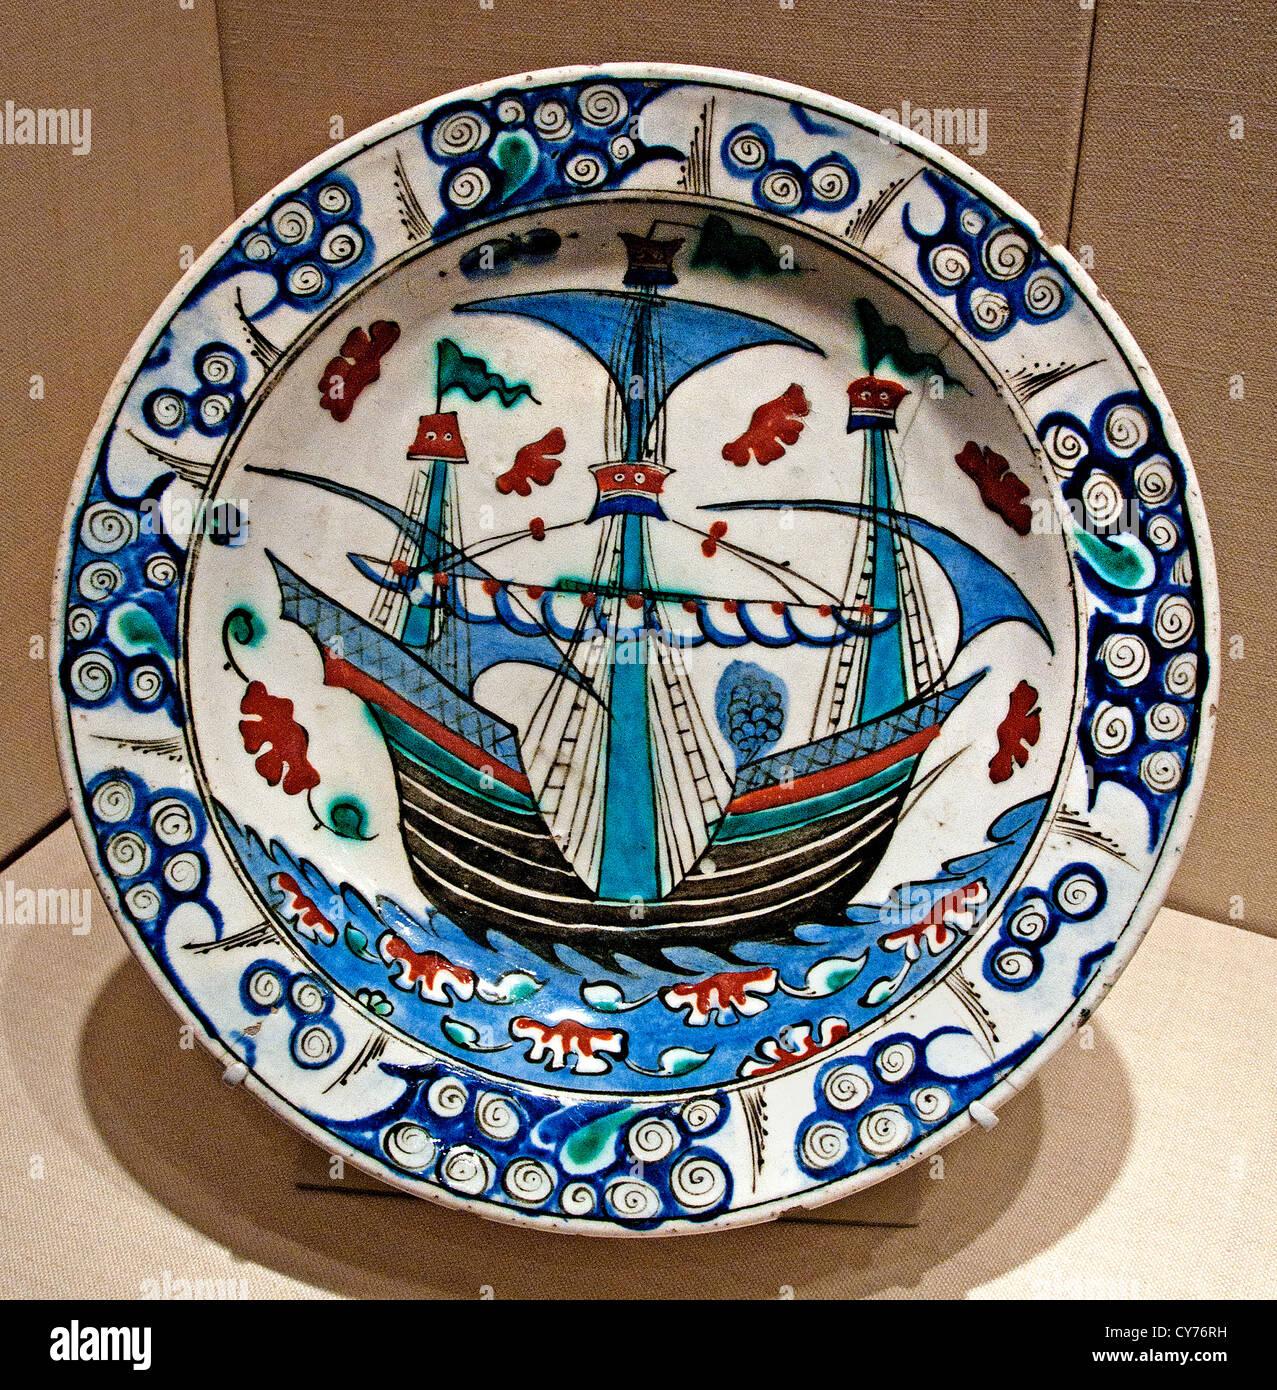 Iznik piatto Ottomano con nave a vela design1585 - piastra 1590 Turchia Tacchini Immagini Stock